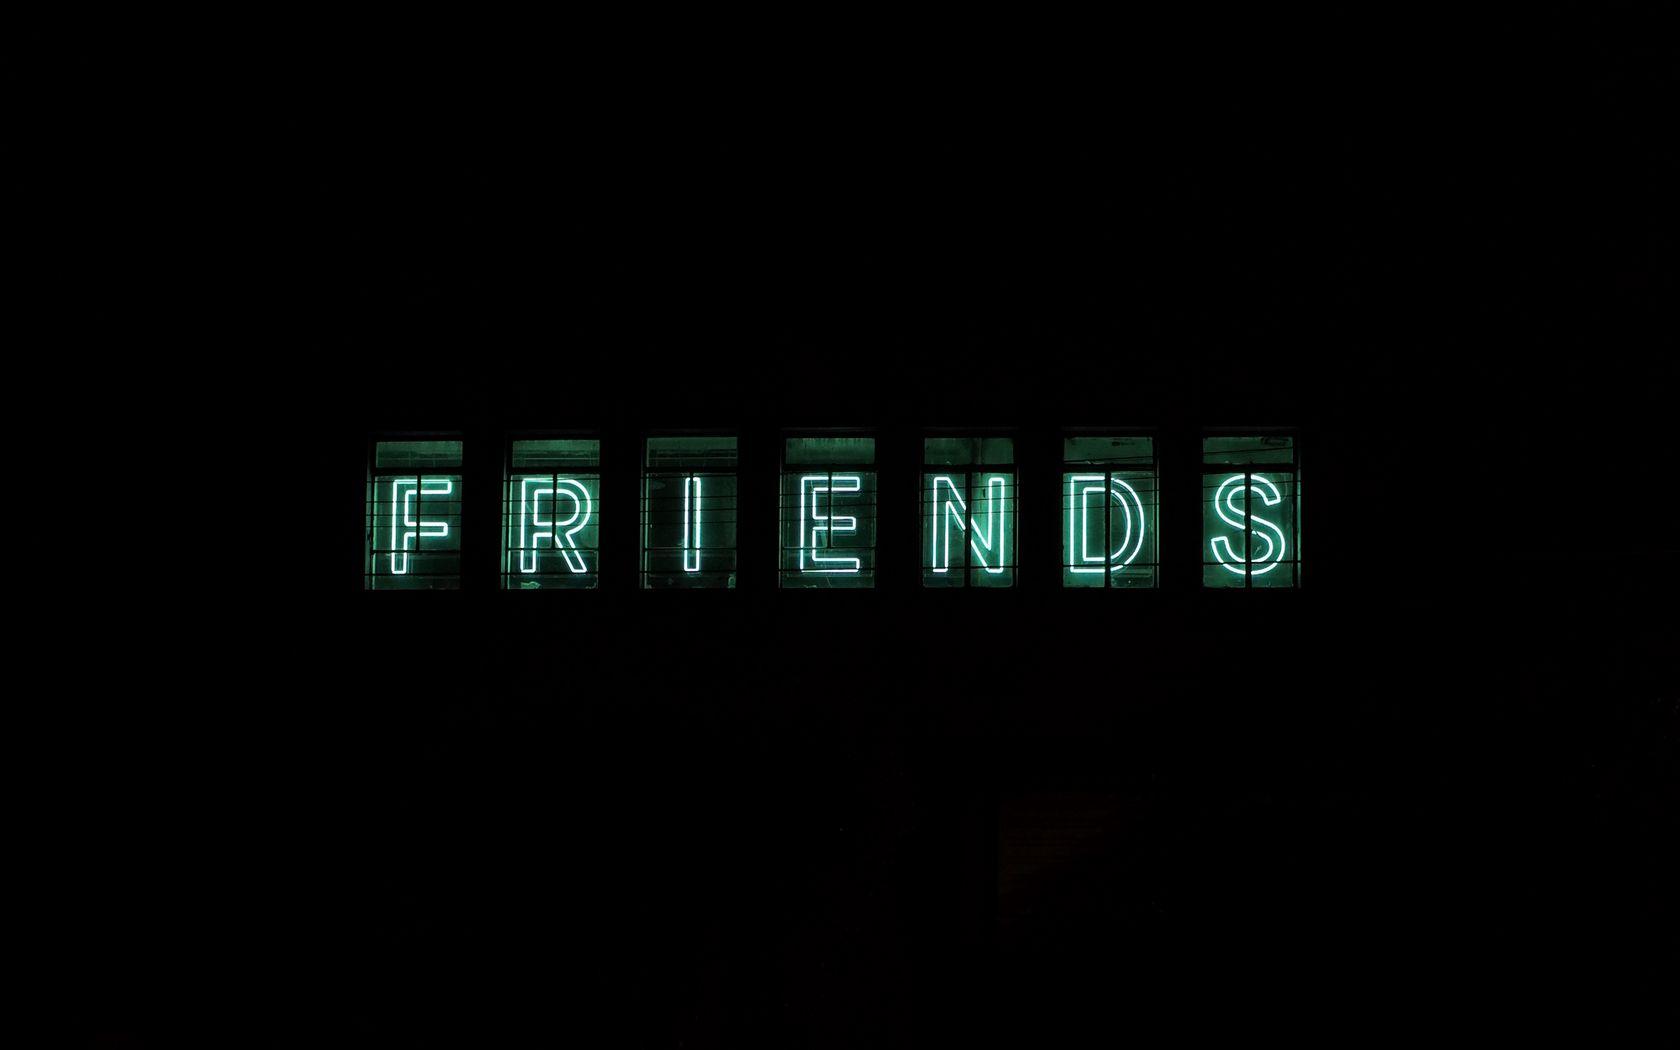 1680x1050 Wallpaper friends, inscription, neon, backlight, dark, letters